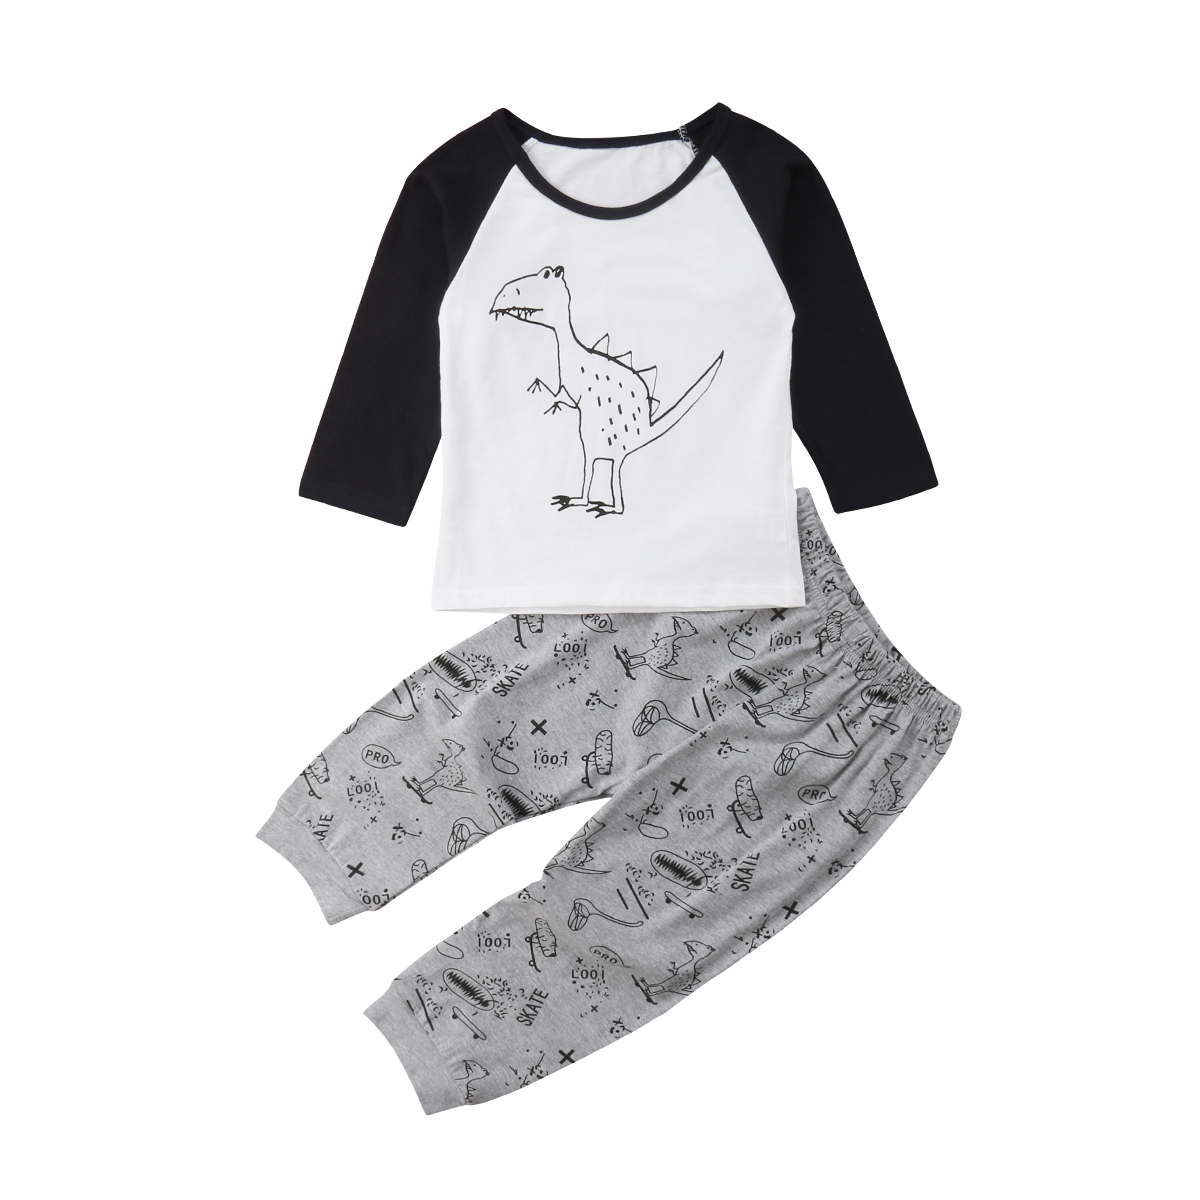 Summer Casual Fashion Solid Bandage Loose Sweatpants Drawstring Pants Trunks TAGGMY Mens Cargo Shorts//Long Pants